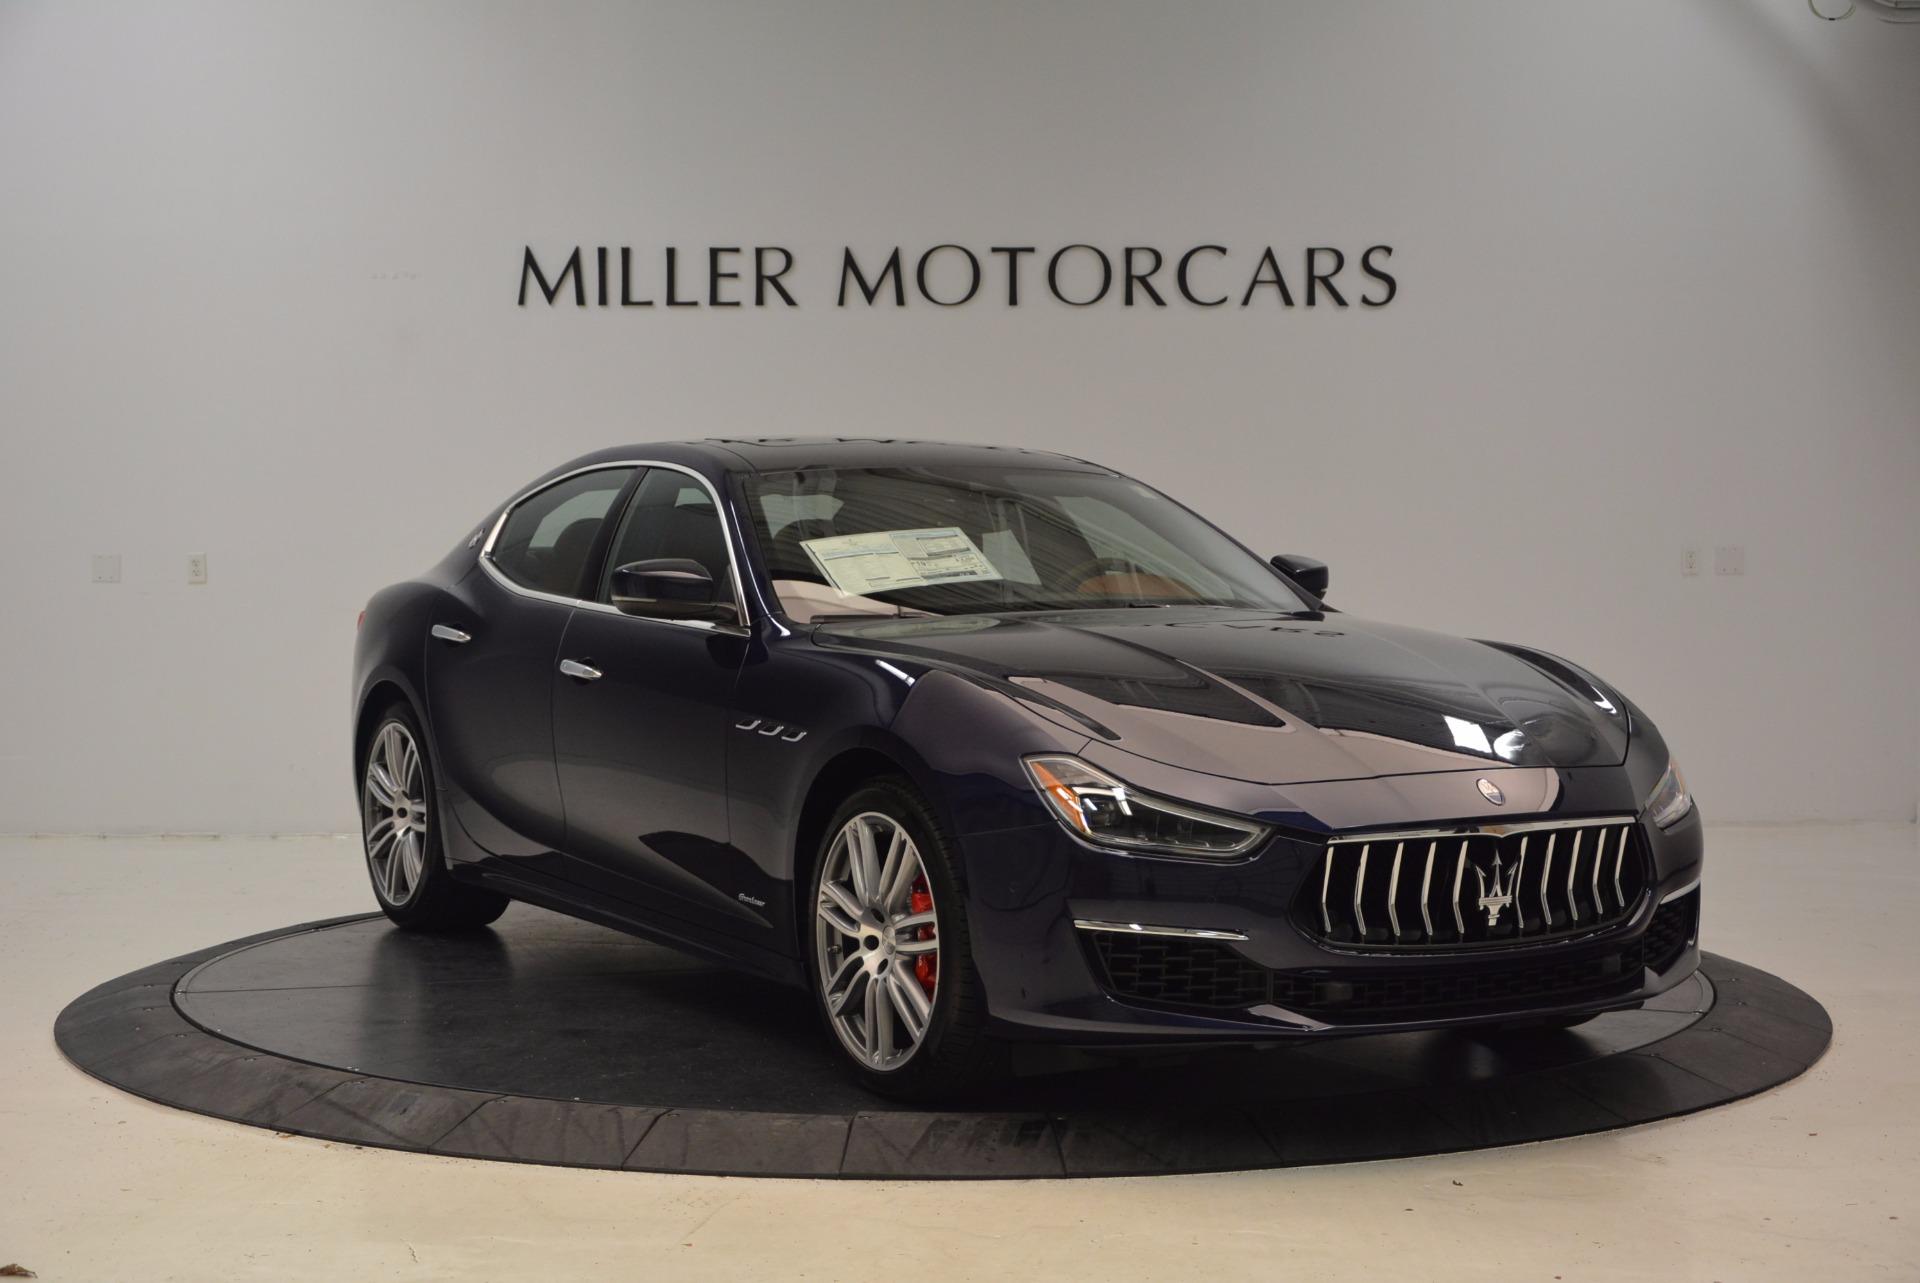 New 2018 Maserati Ghibli S Q4 GranLusso For Sale In Greenwich, CT 1866_p11